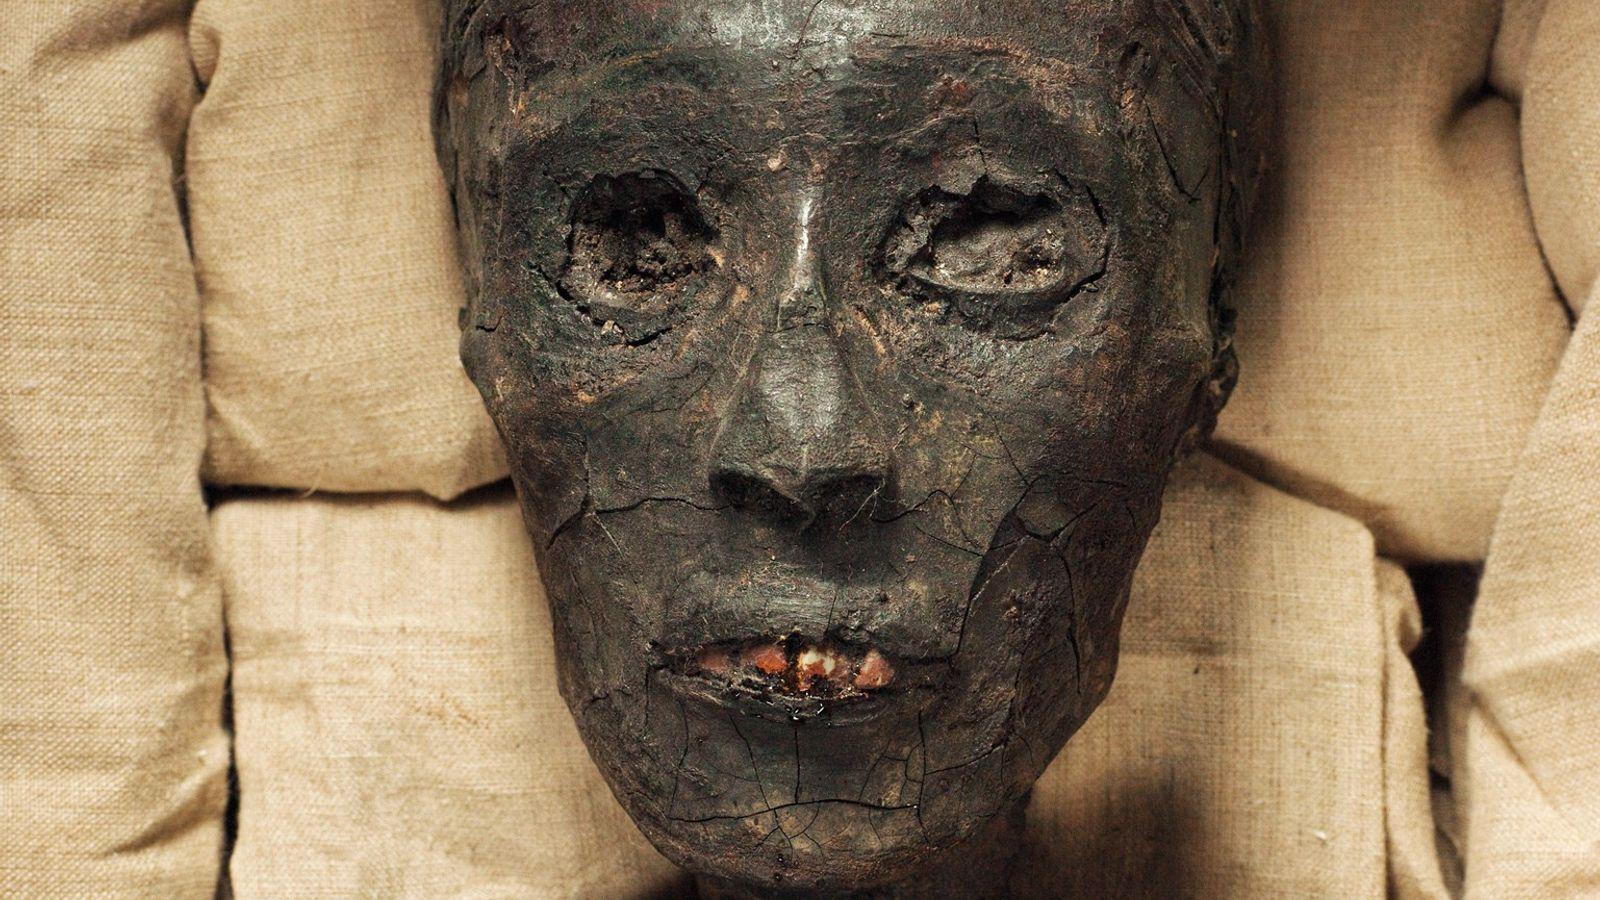 Une peau fissurée et des dégâts à la poitrine peuvent être observés sur la momie noircie ...